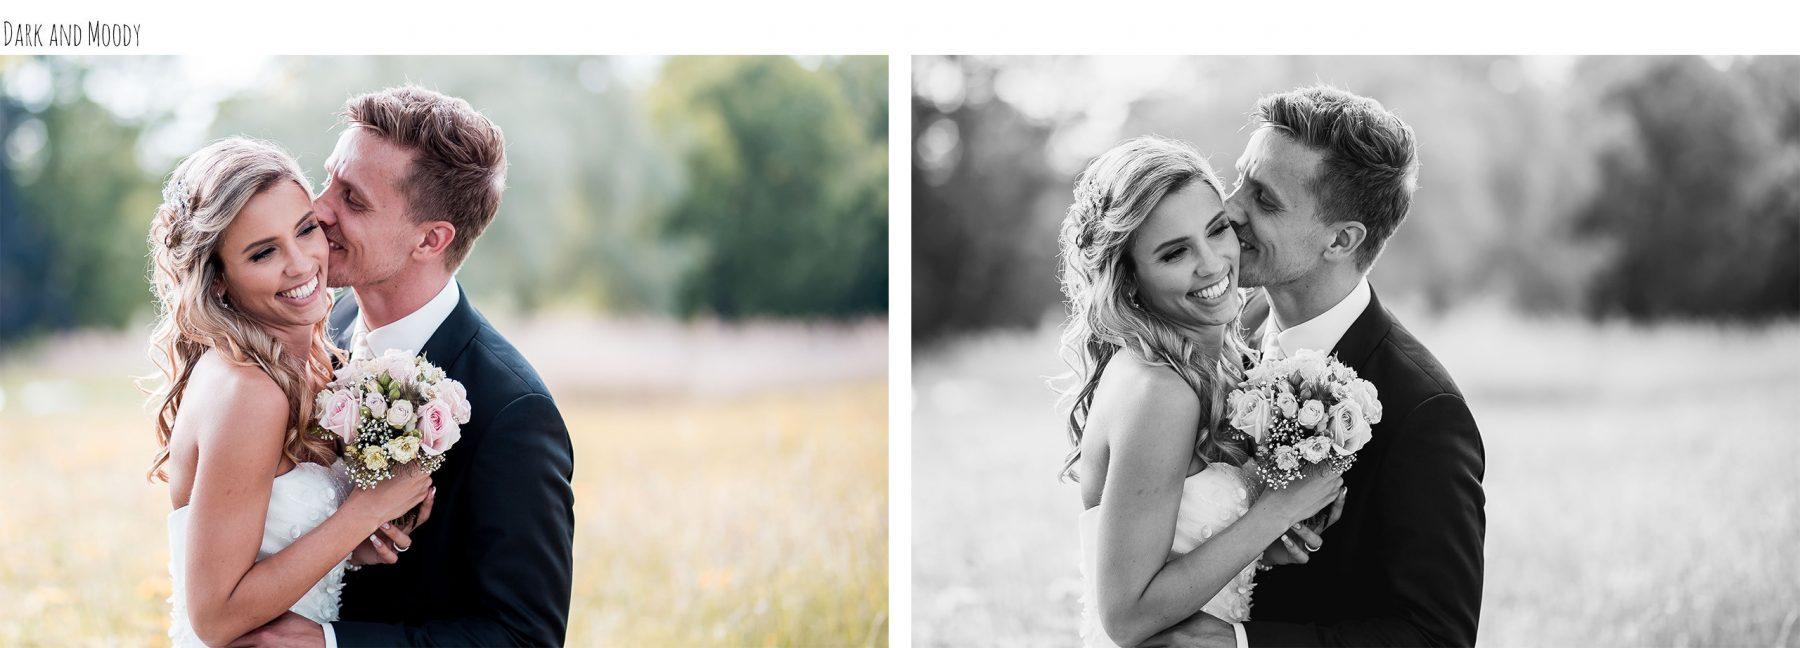 Aida + Tim | Hochzeitsfotografen am Bodensee Bearbeitungsstile